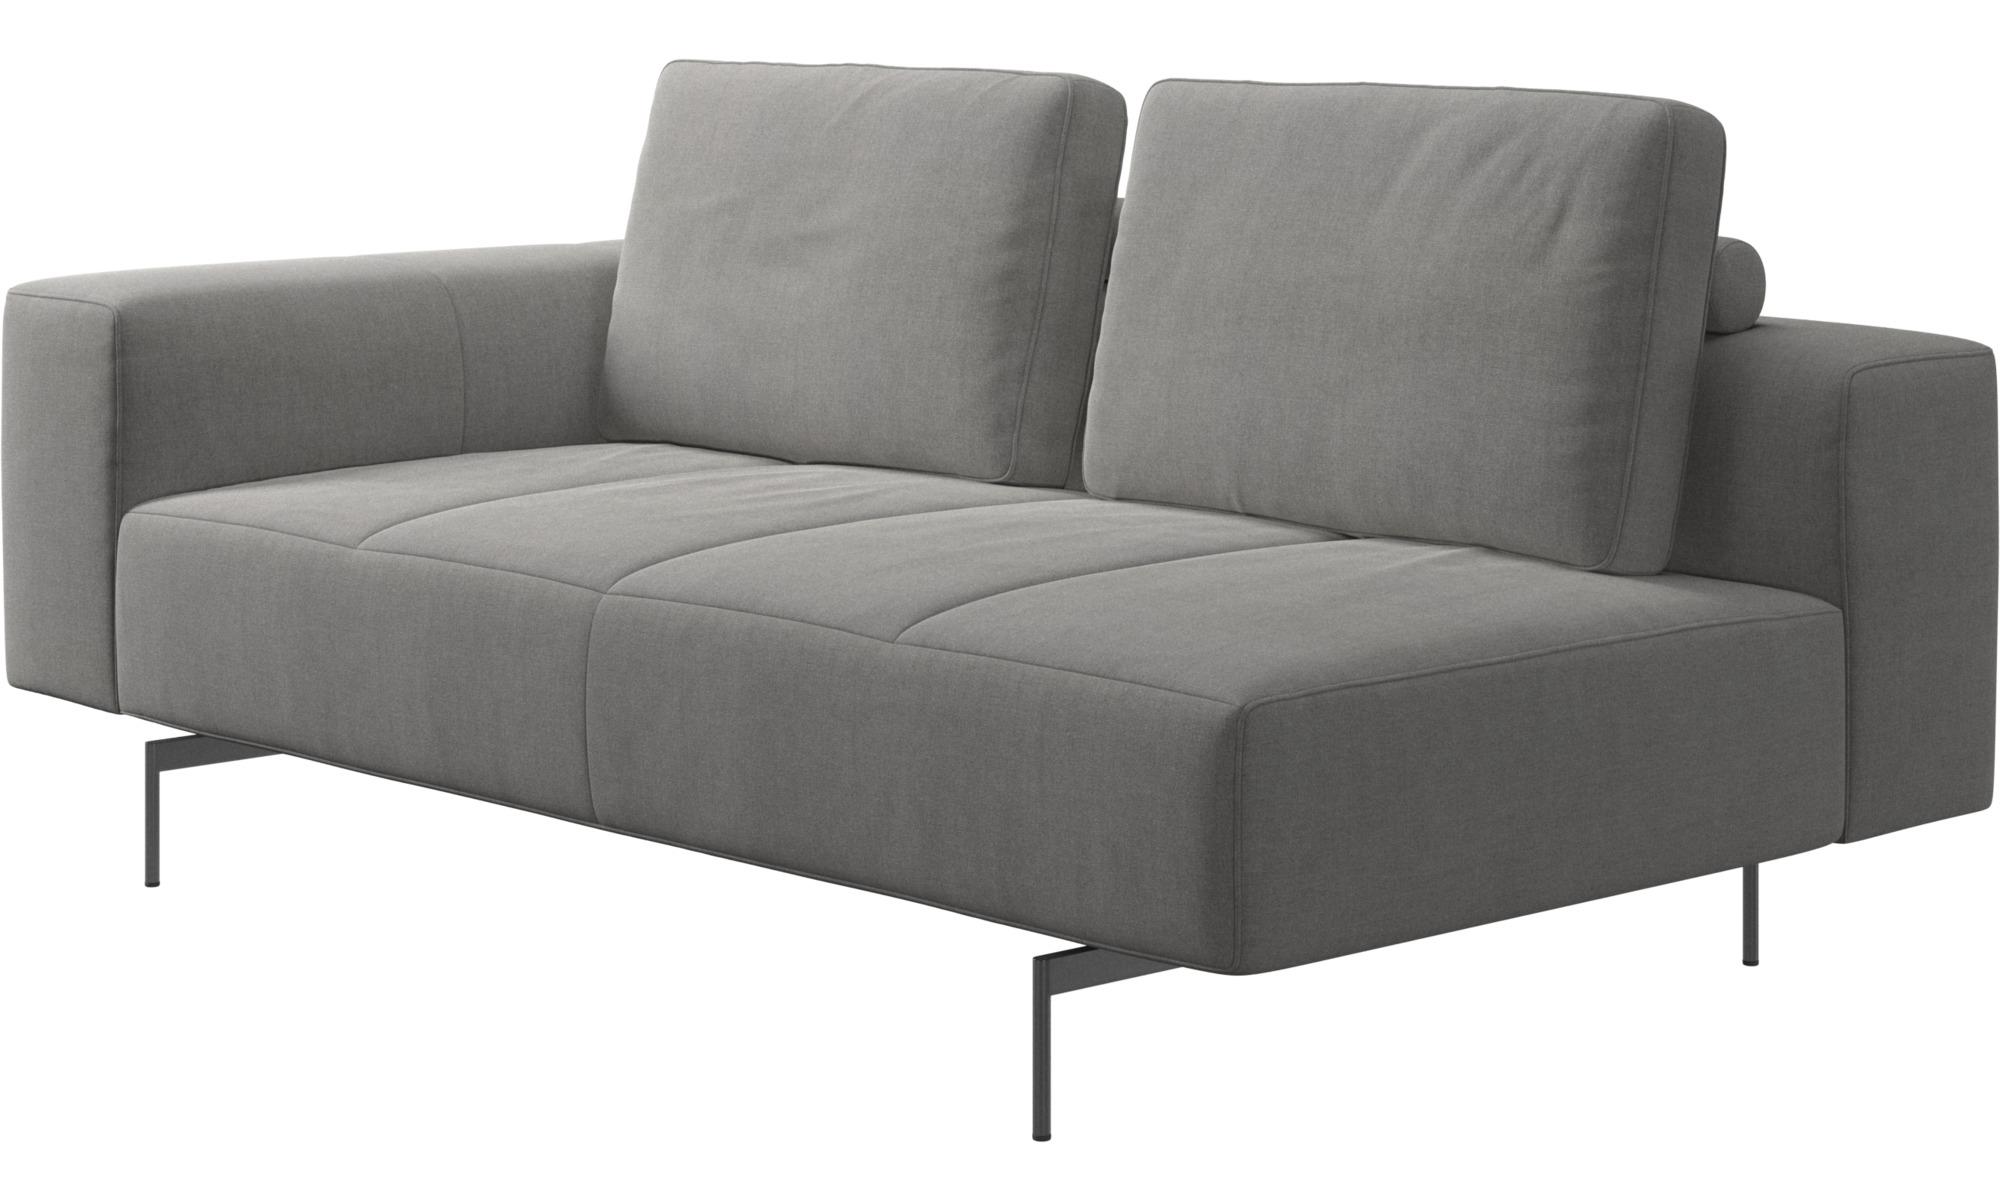 Modular Sofas Amsterdam 2 5 Seating